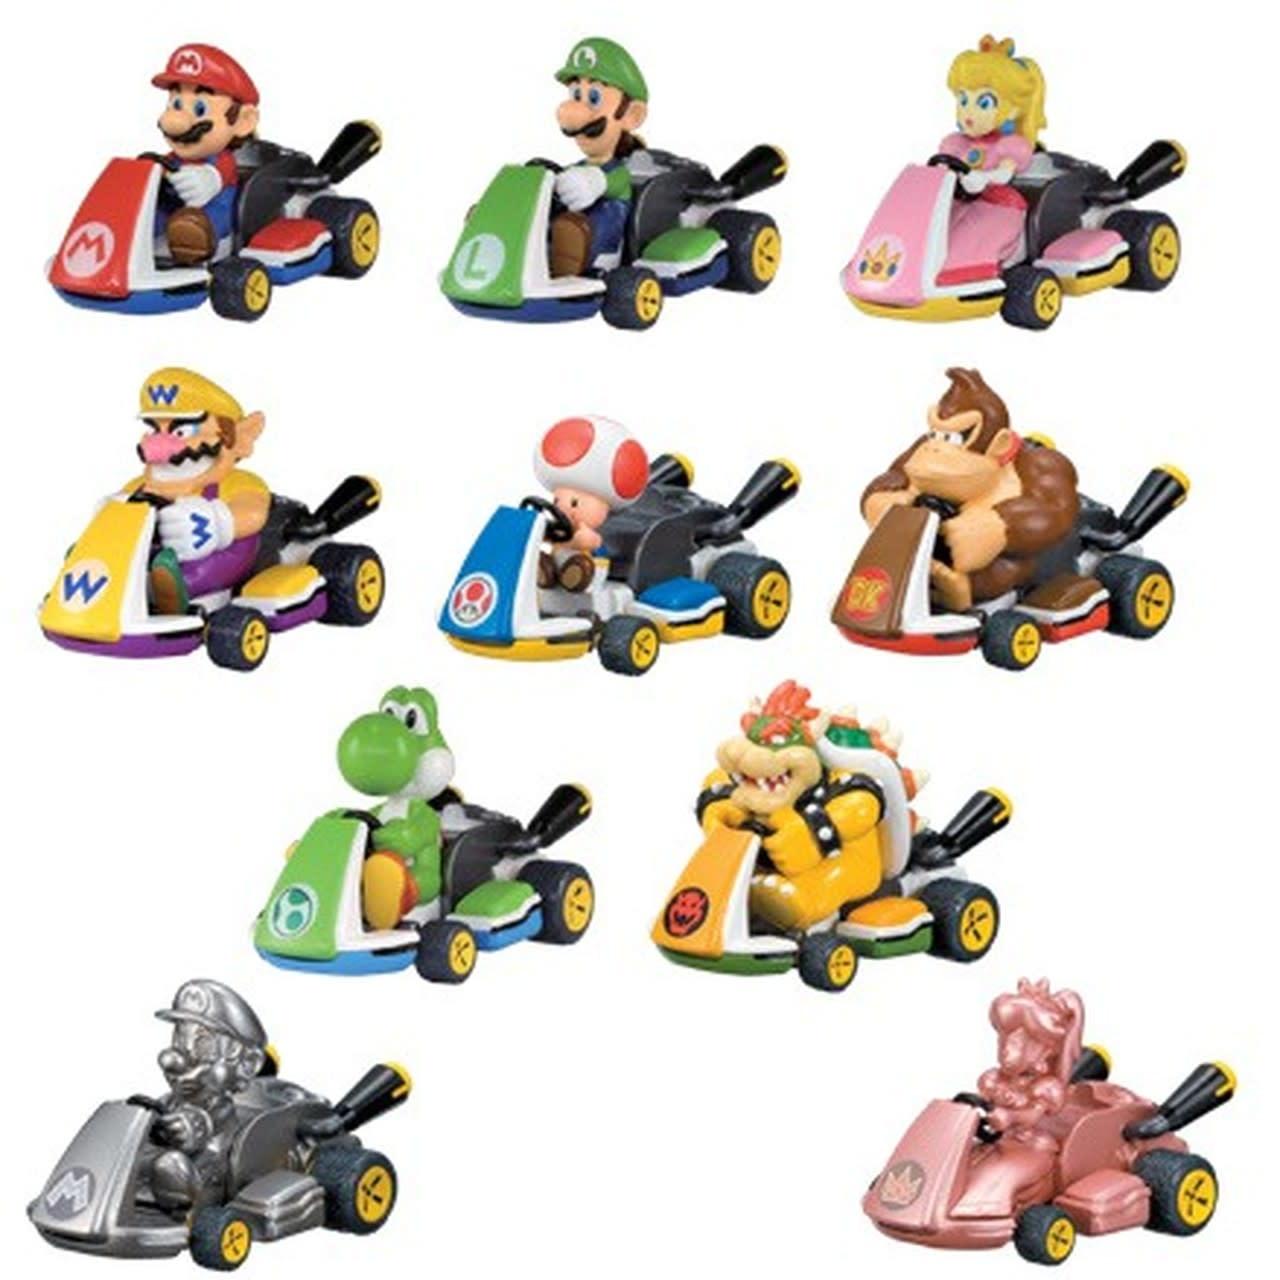 TOMY Mario Kart Pull Back Racers Blind Capsule